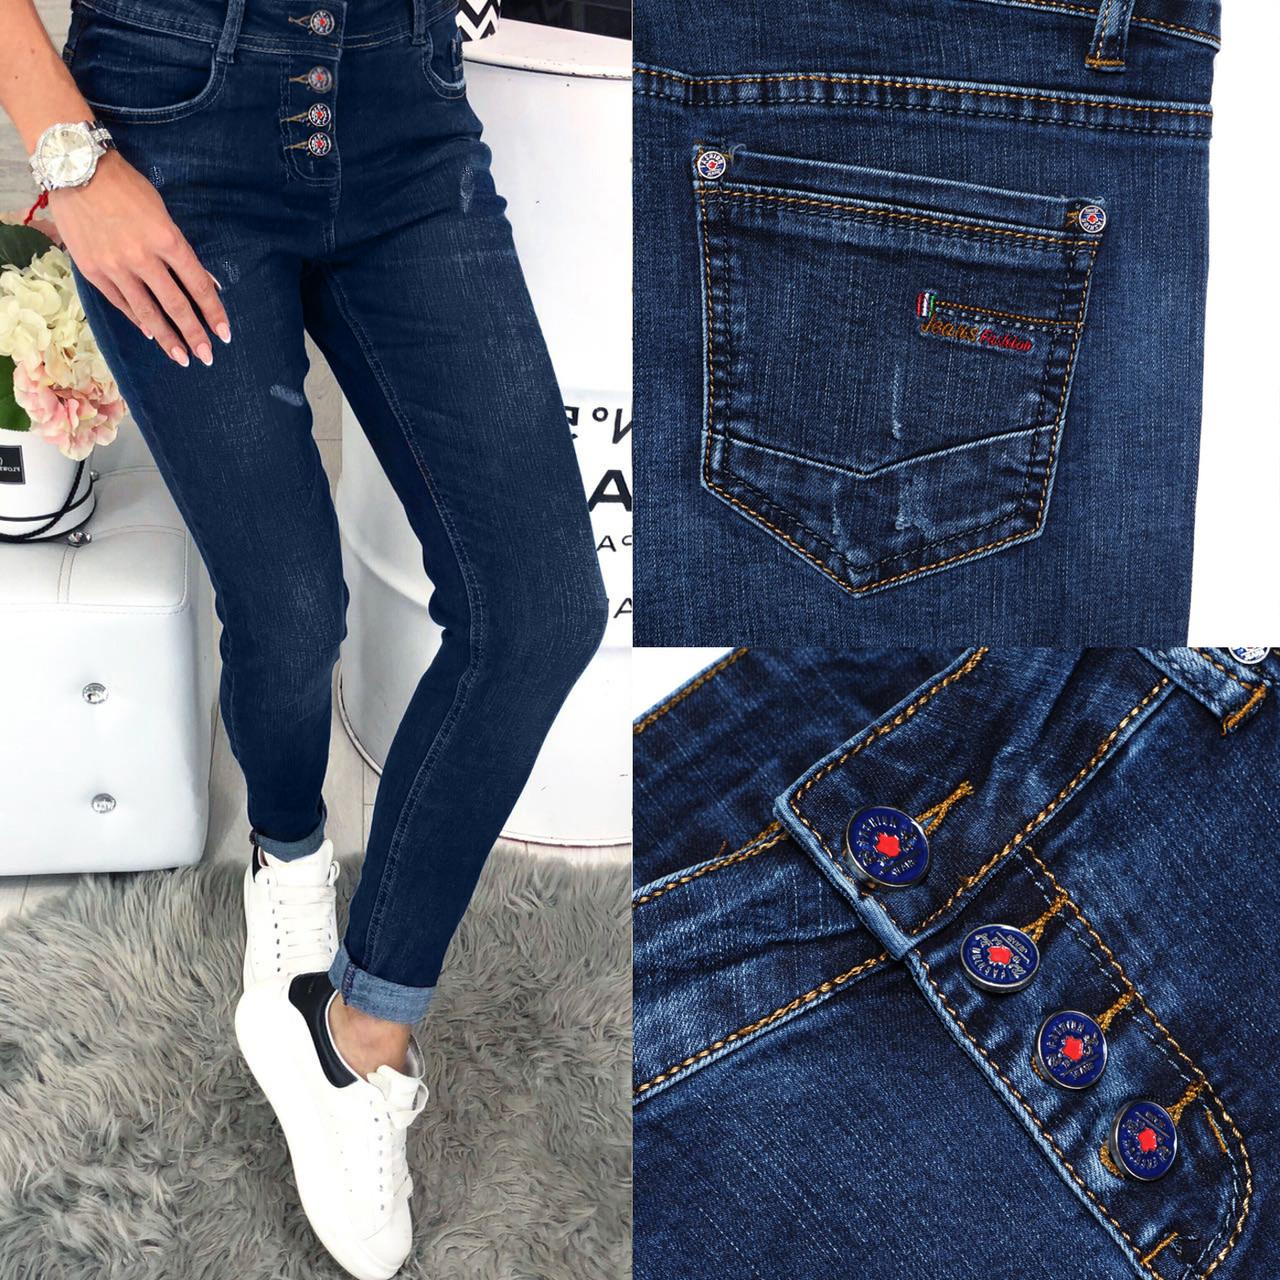 Бойфренды с царапками батал ( 1914 New jeans )